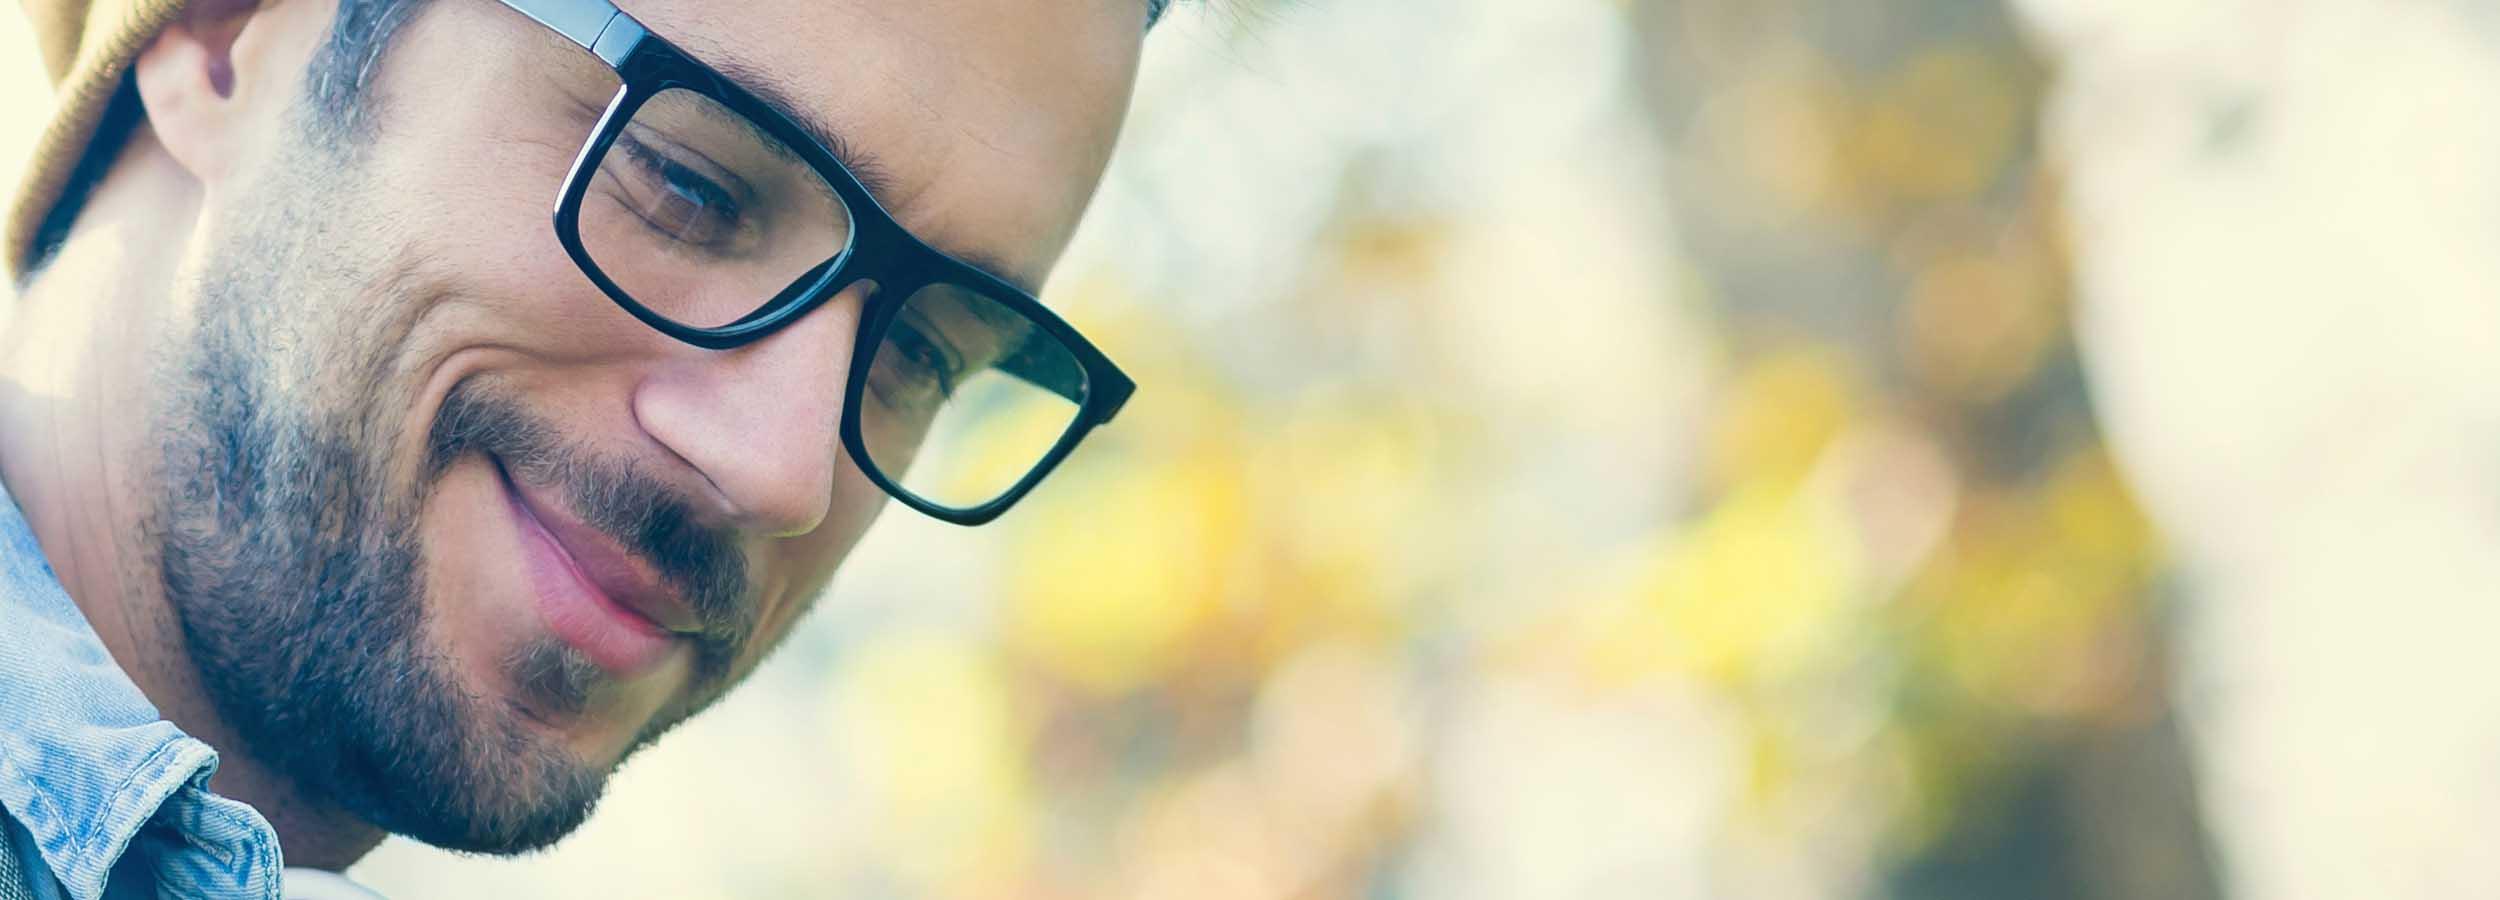 Rekrytering och bemanning inom IT - TNG IT Digital Man i Glasögon